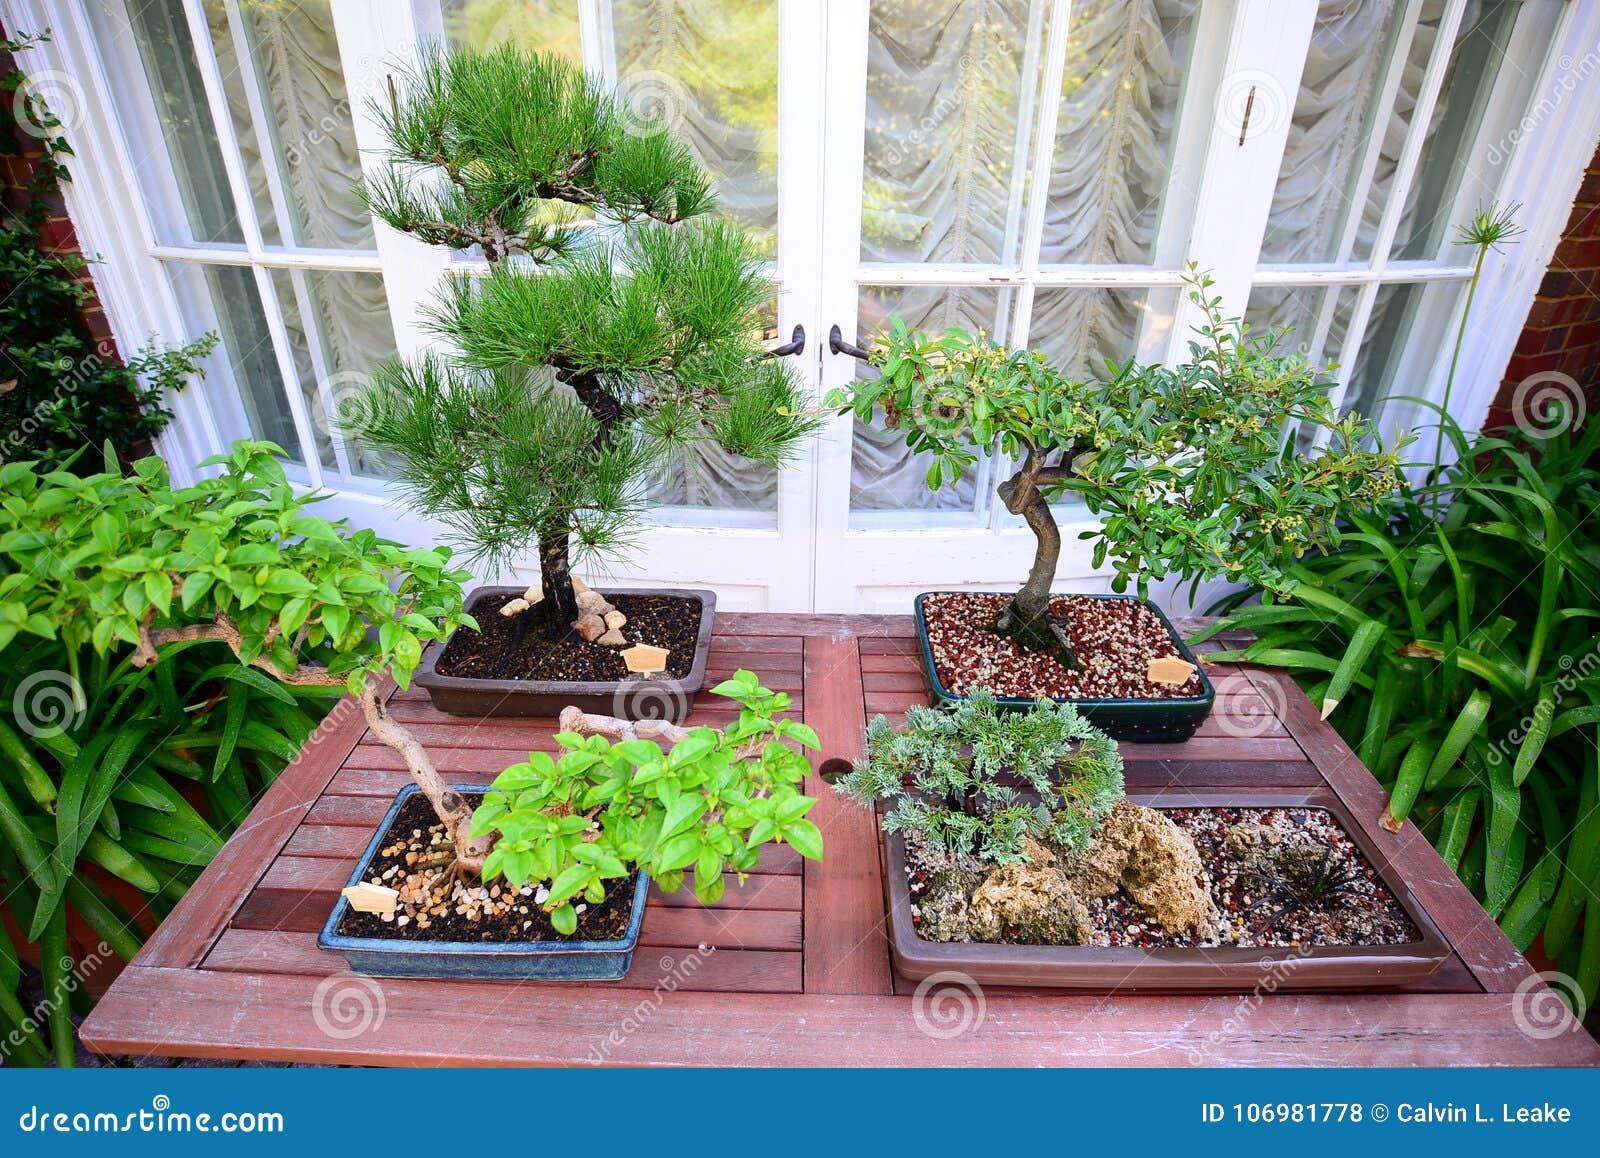 Japanische Bonsai-Miniatur-Bäume